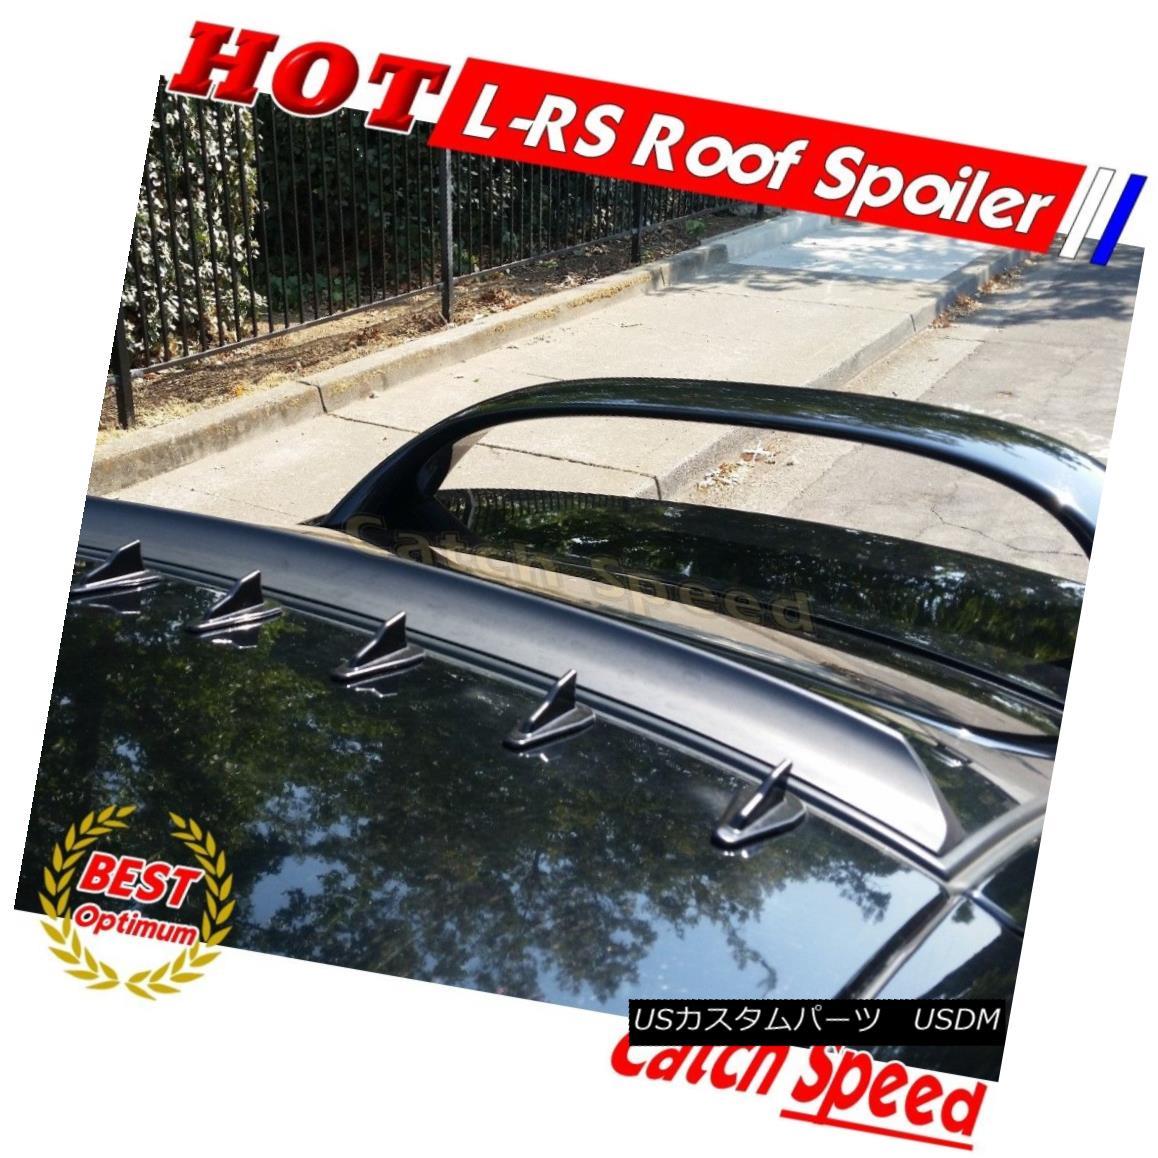 エアロパーツ Painted LRS Style Rear Roof Spoiler Wing For Cadillac CTS-V Sedan 2004-2007 ? キャデラックCTS - Vセダン2004-2007のための塗装LRSスタイルのリアルーフスポイラーウィング?